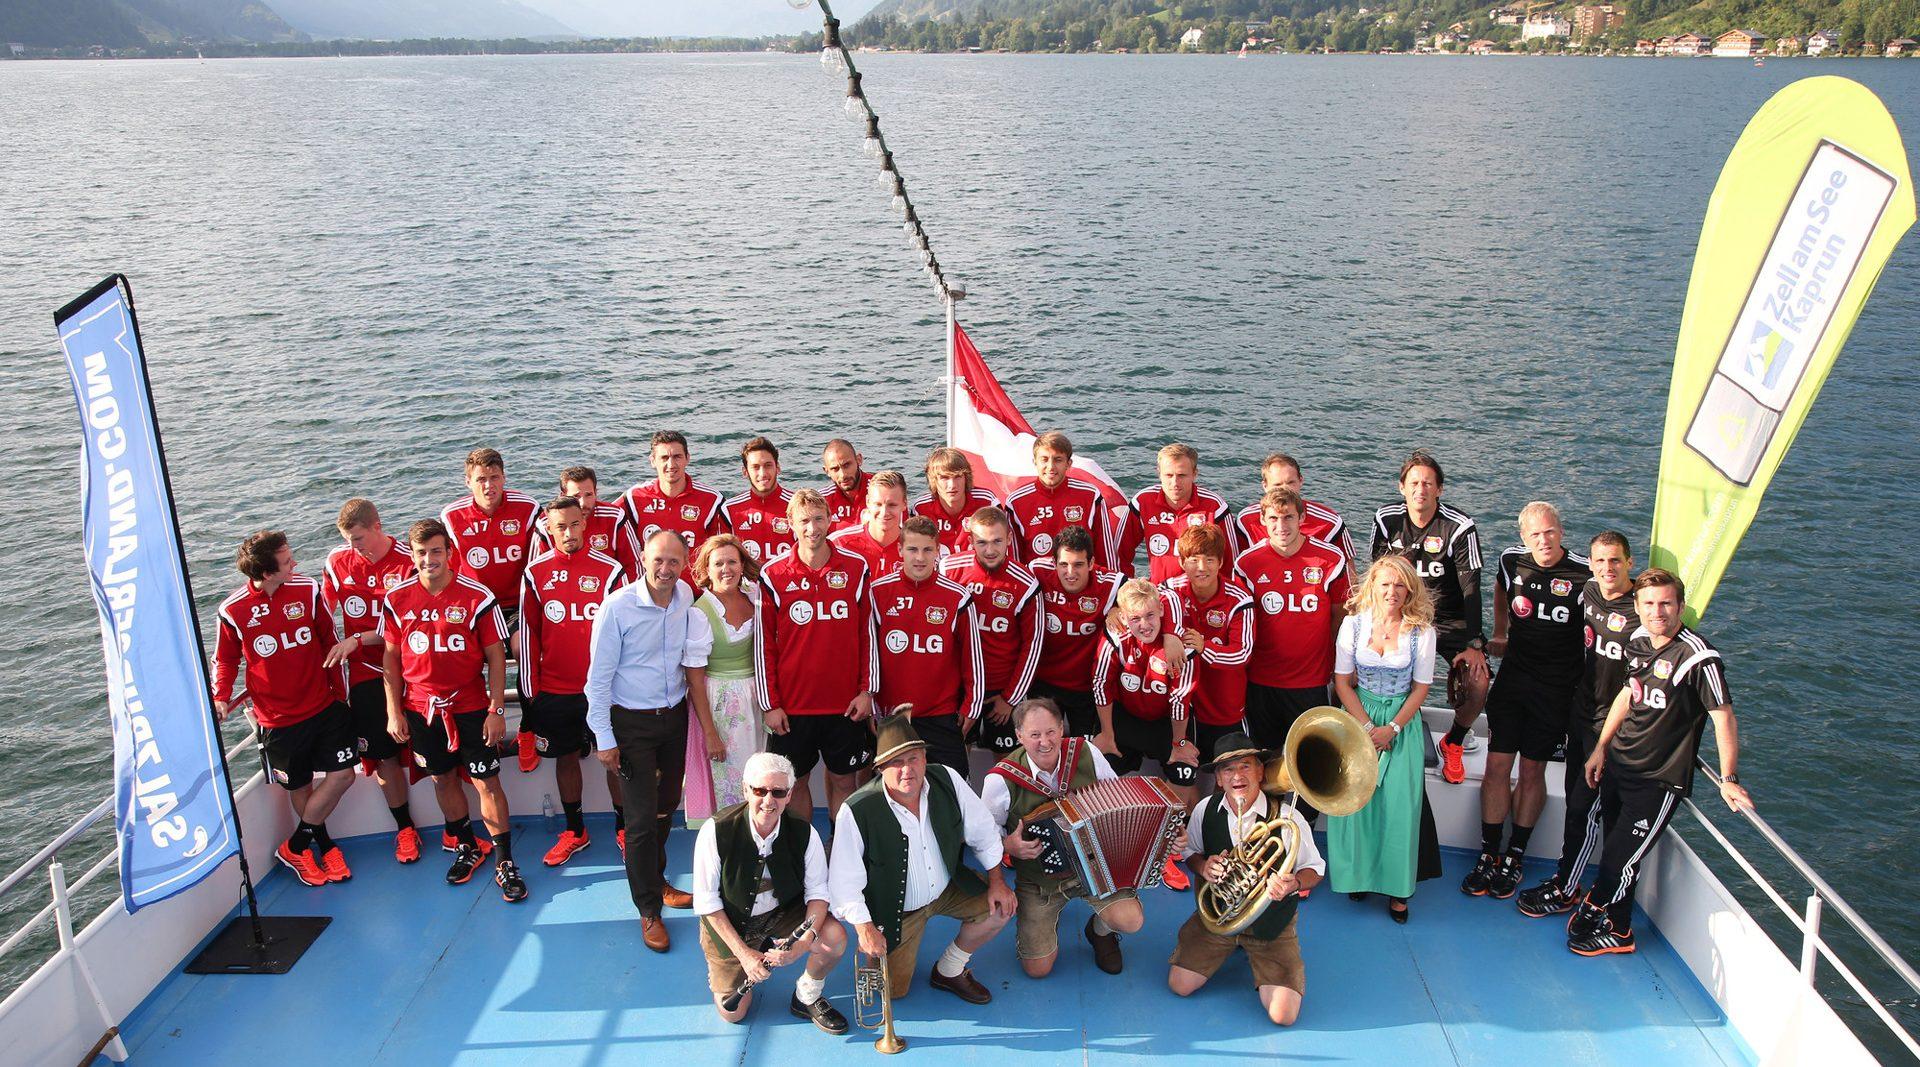 Fußballmannschaft Bayer 04 Leverkusen am Schiff am Zellersee